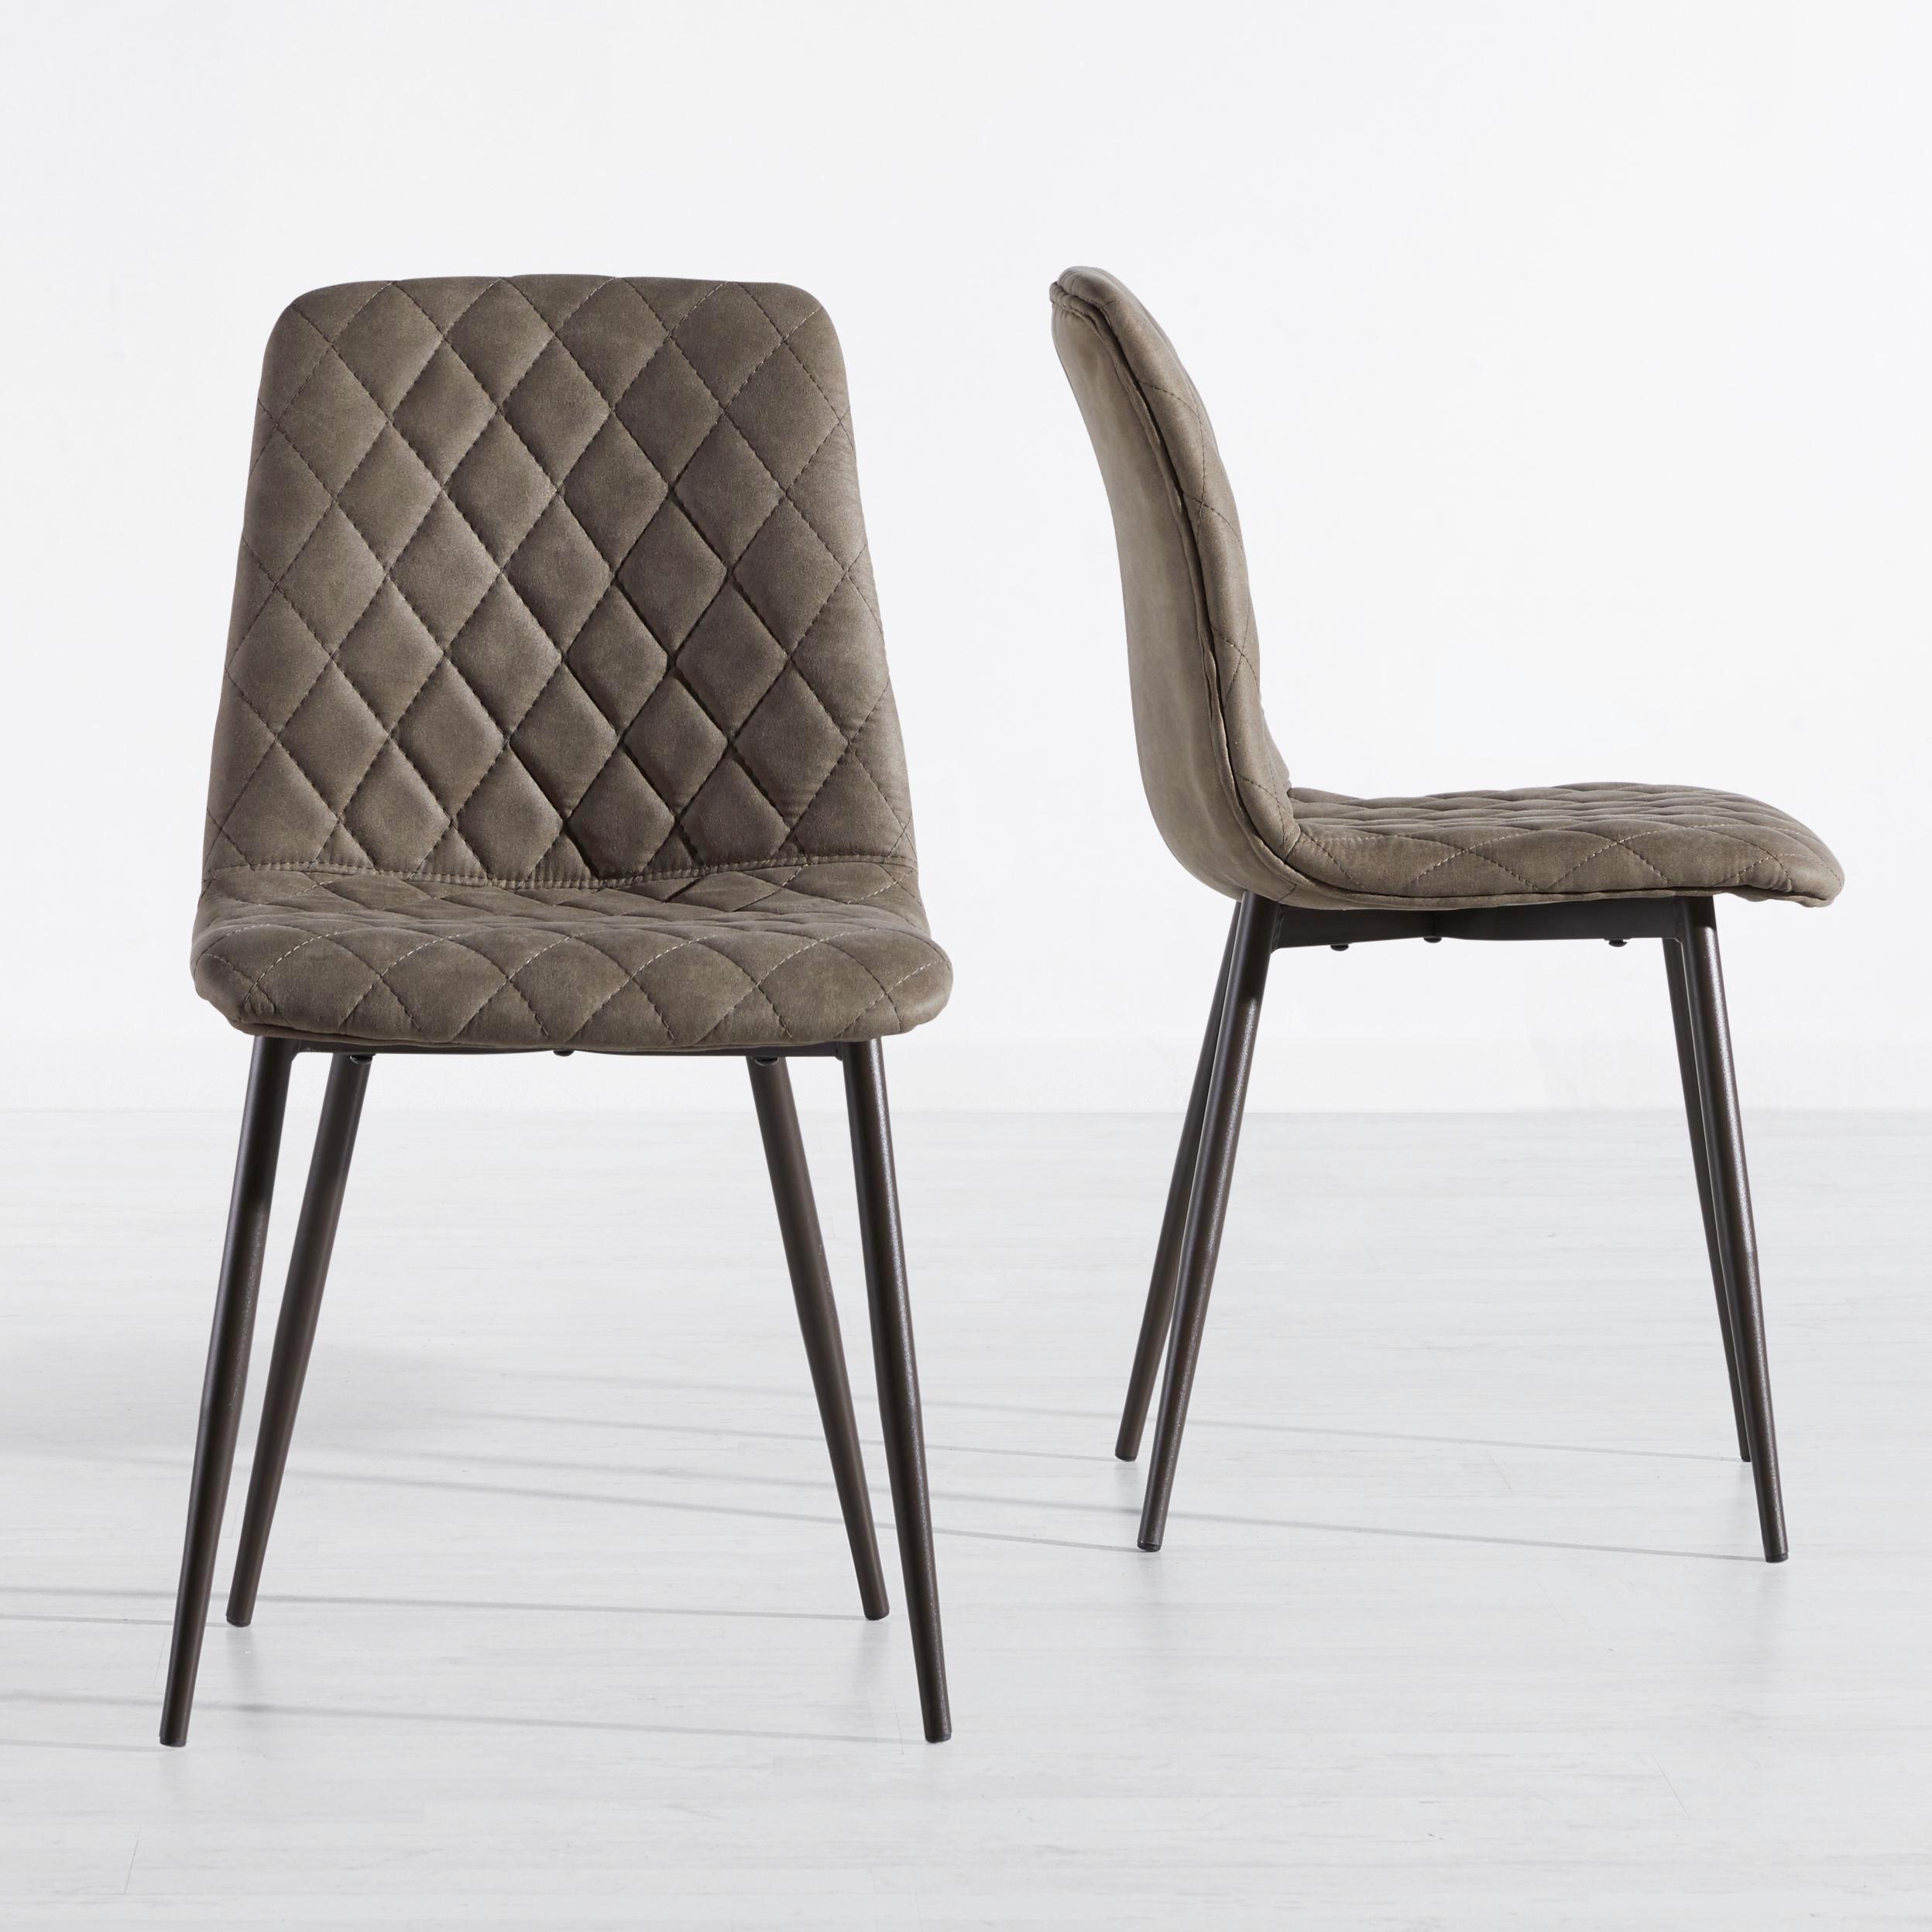 brauner stuhl mit schleim excellent schleim im kot hund. Black Bedroom Furniture Sets. Home Design Ideas